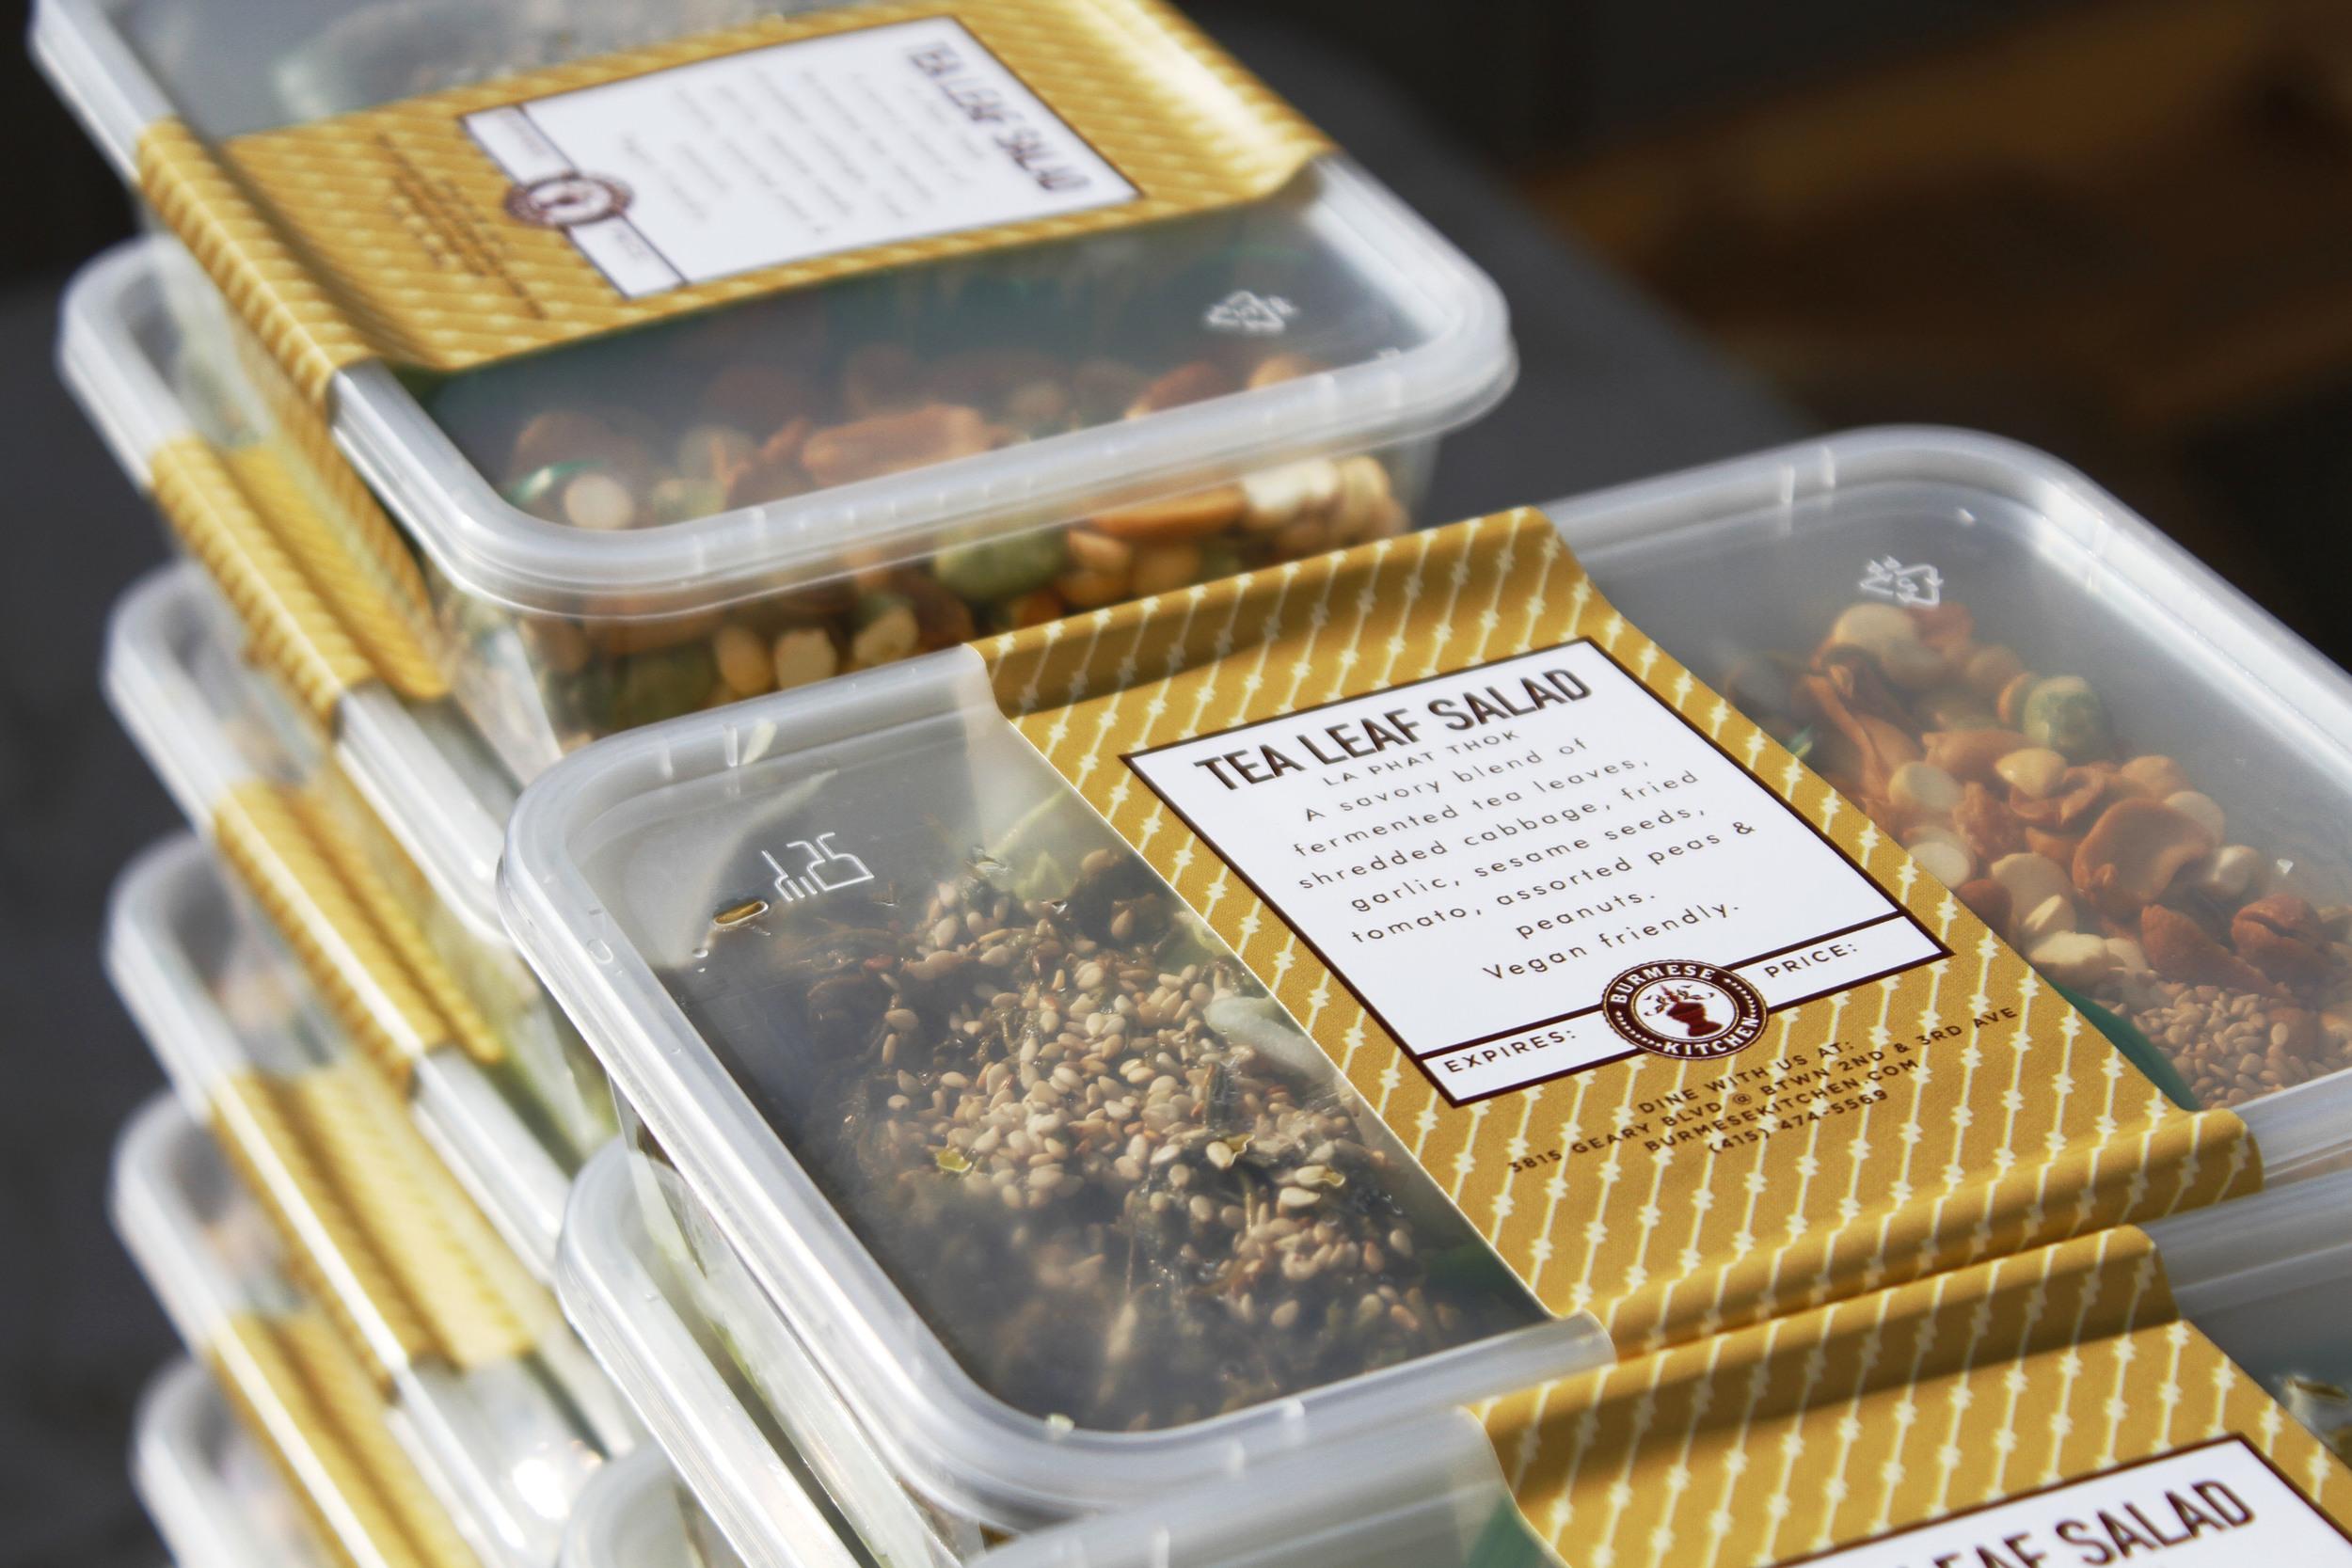 burmese-kitchen-tea-leaf-salad-package